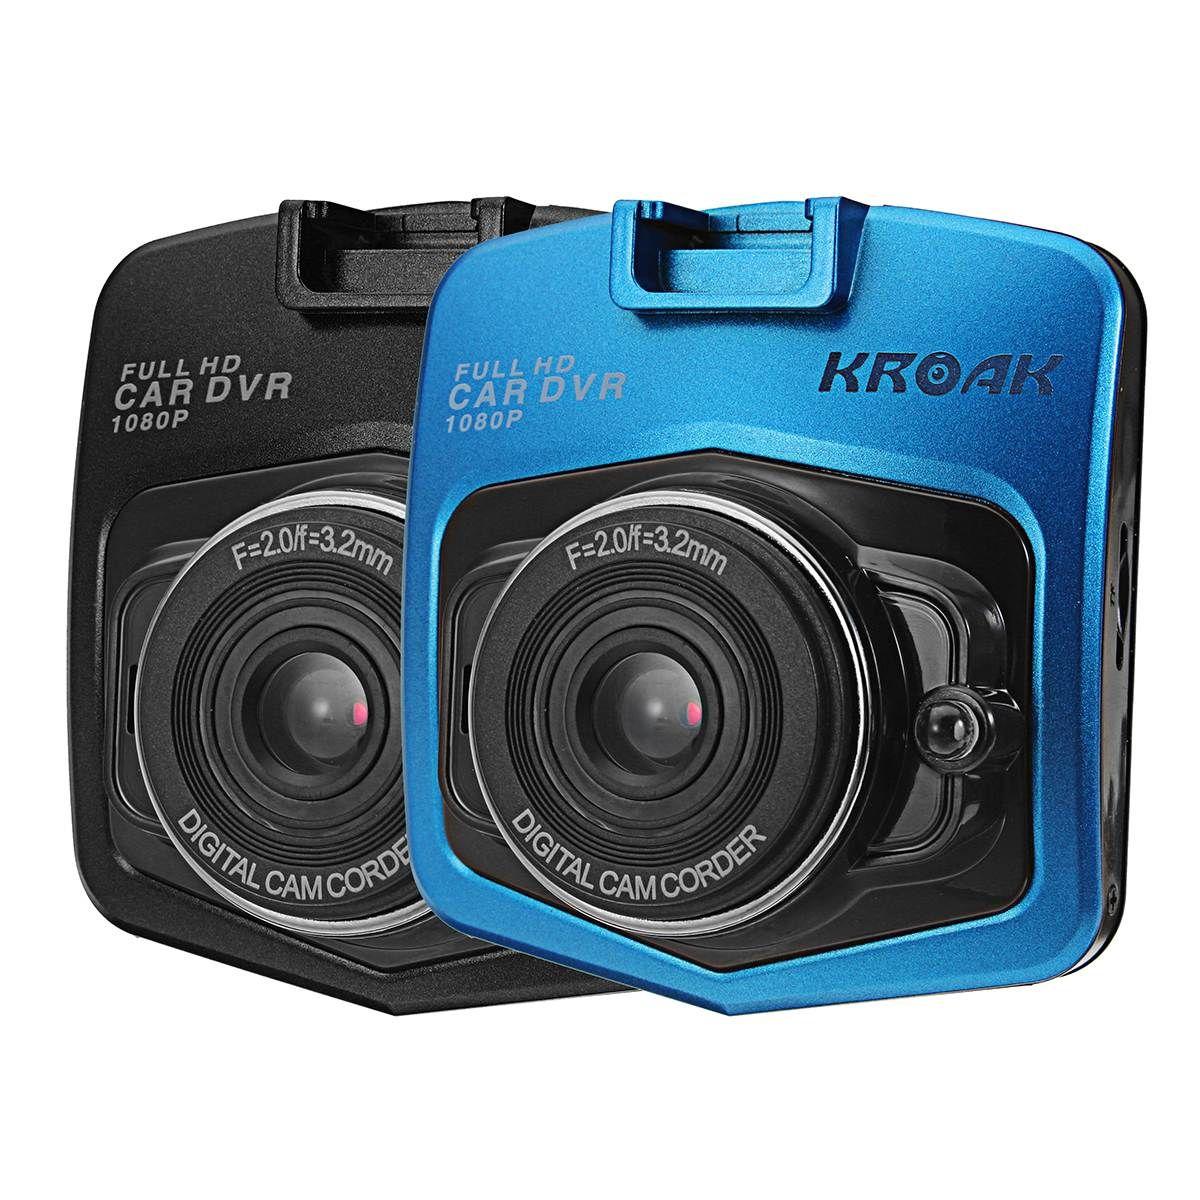 Kroak 720 p coche DVR cámara de vídeo en CAM Dash Cámara coche de la videocámara de 2.4 pulgadas g-sensor Dash cam visión nocturna del registrador